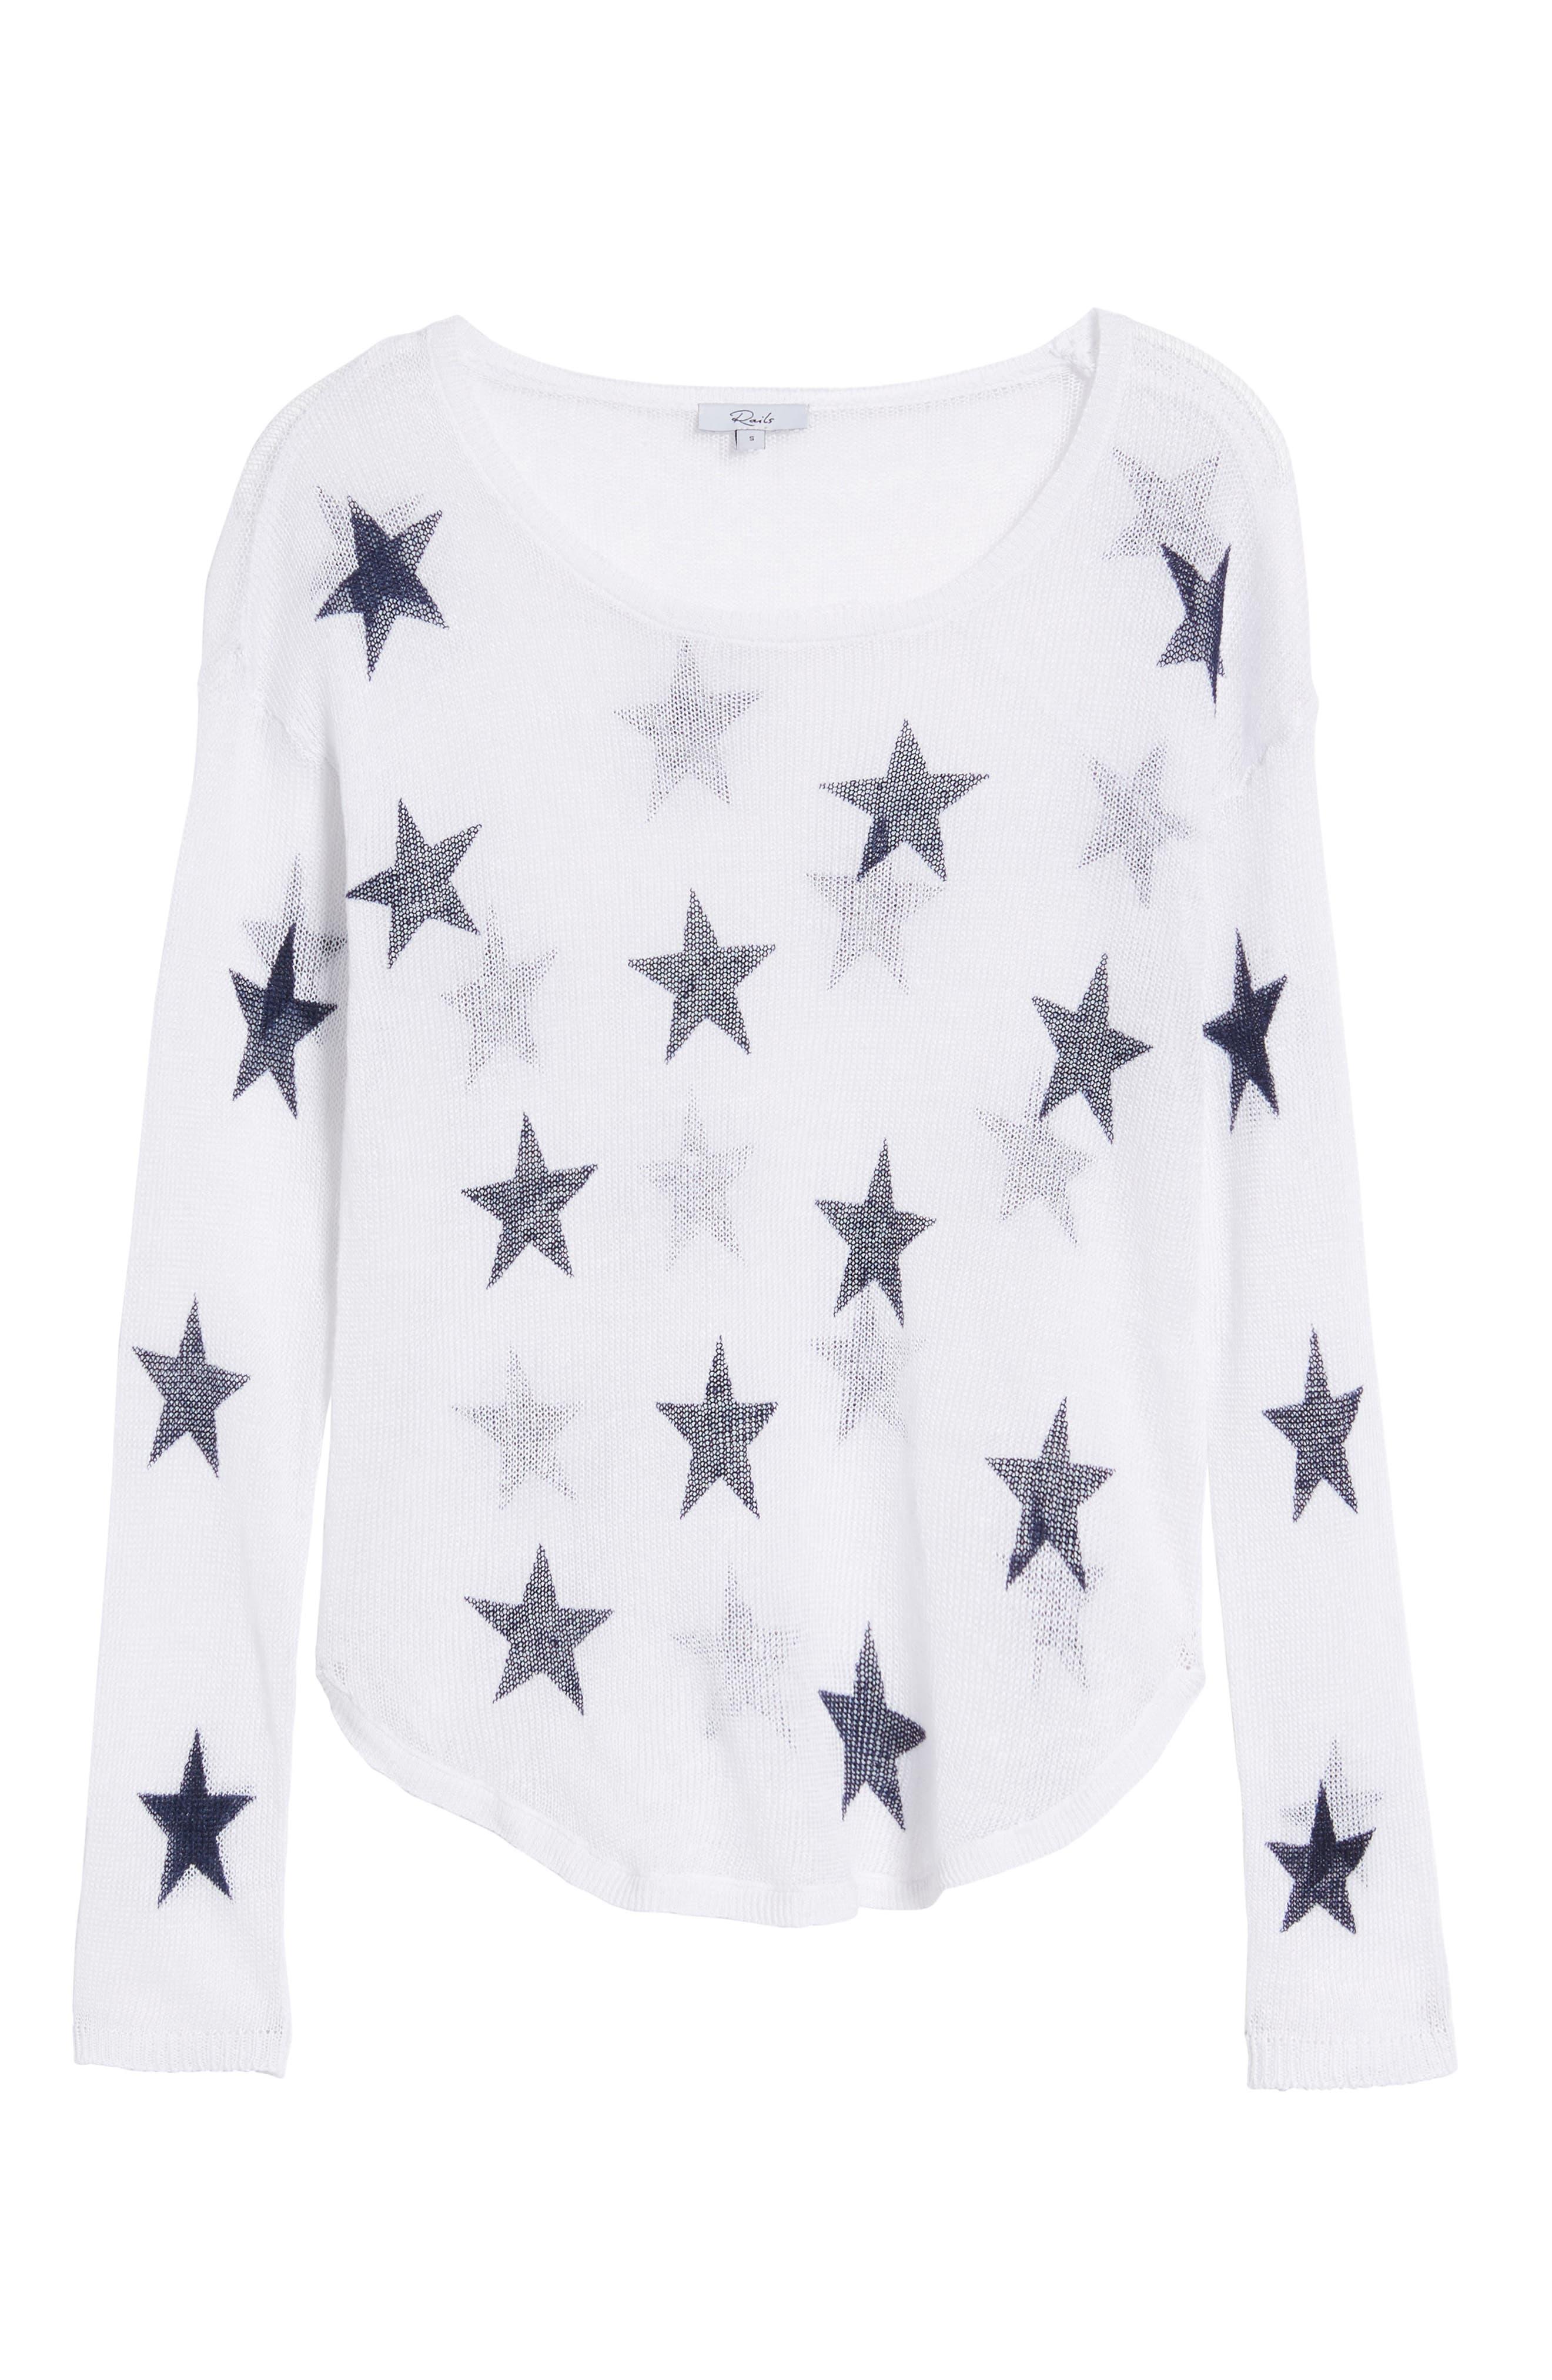 Perri Linen Sweater,                             Alternate thumbnail 7, color,                             White Navy Stars